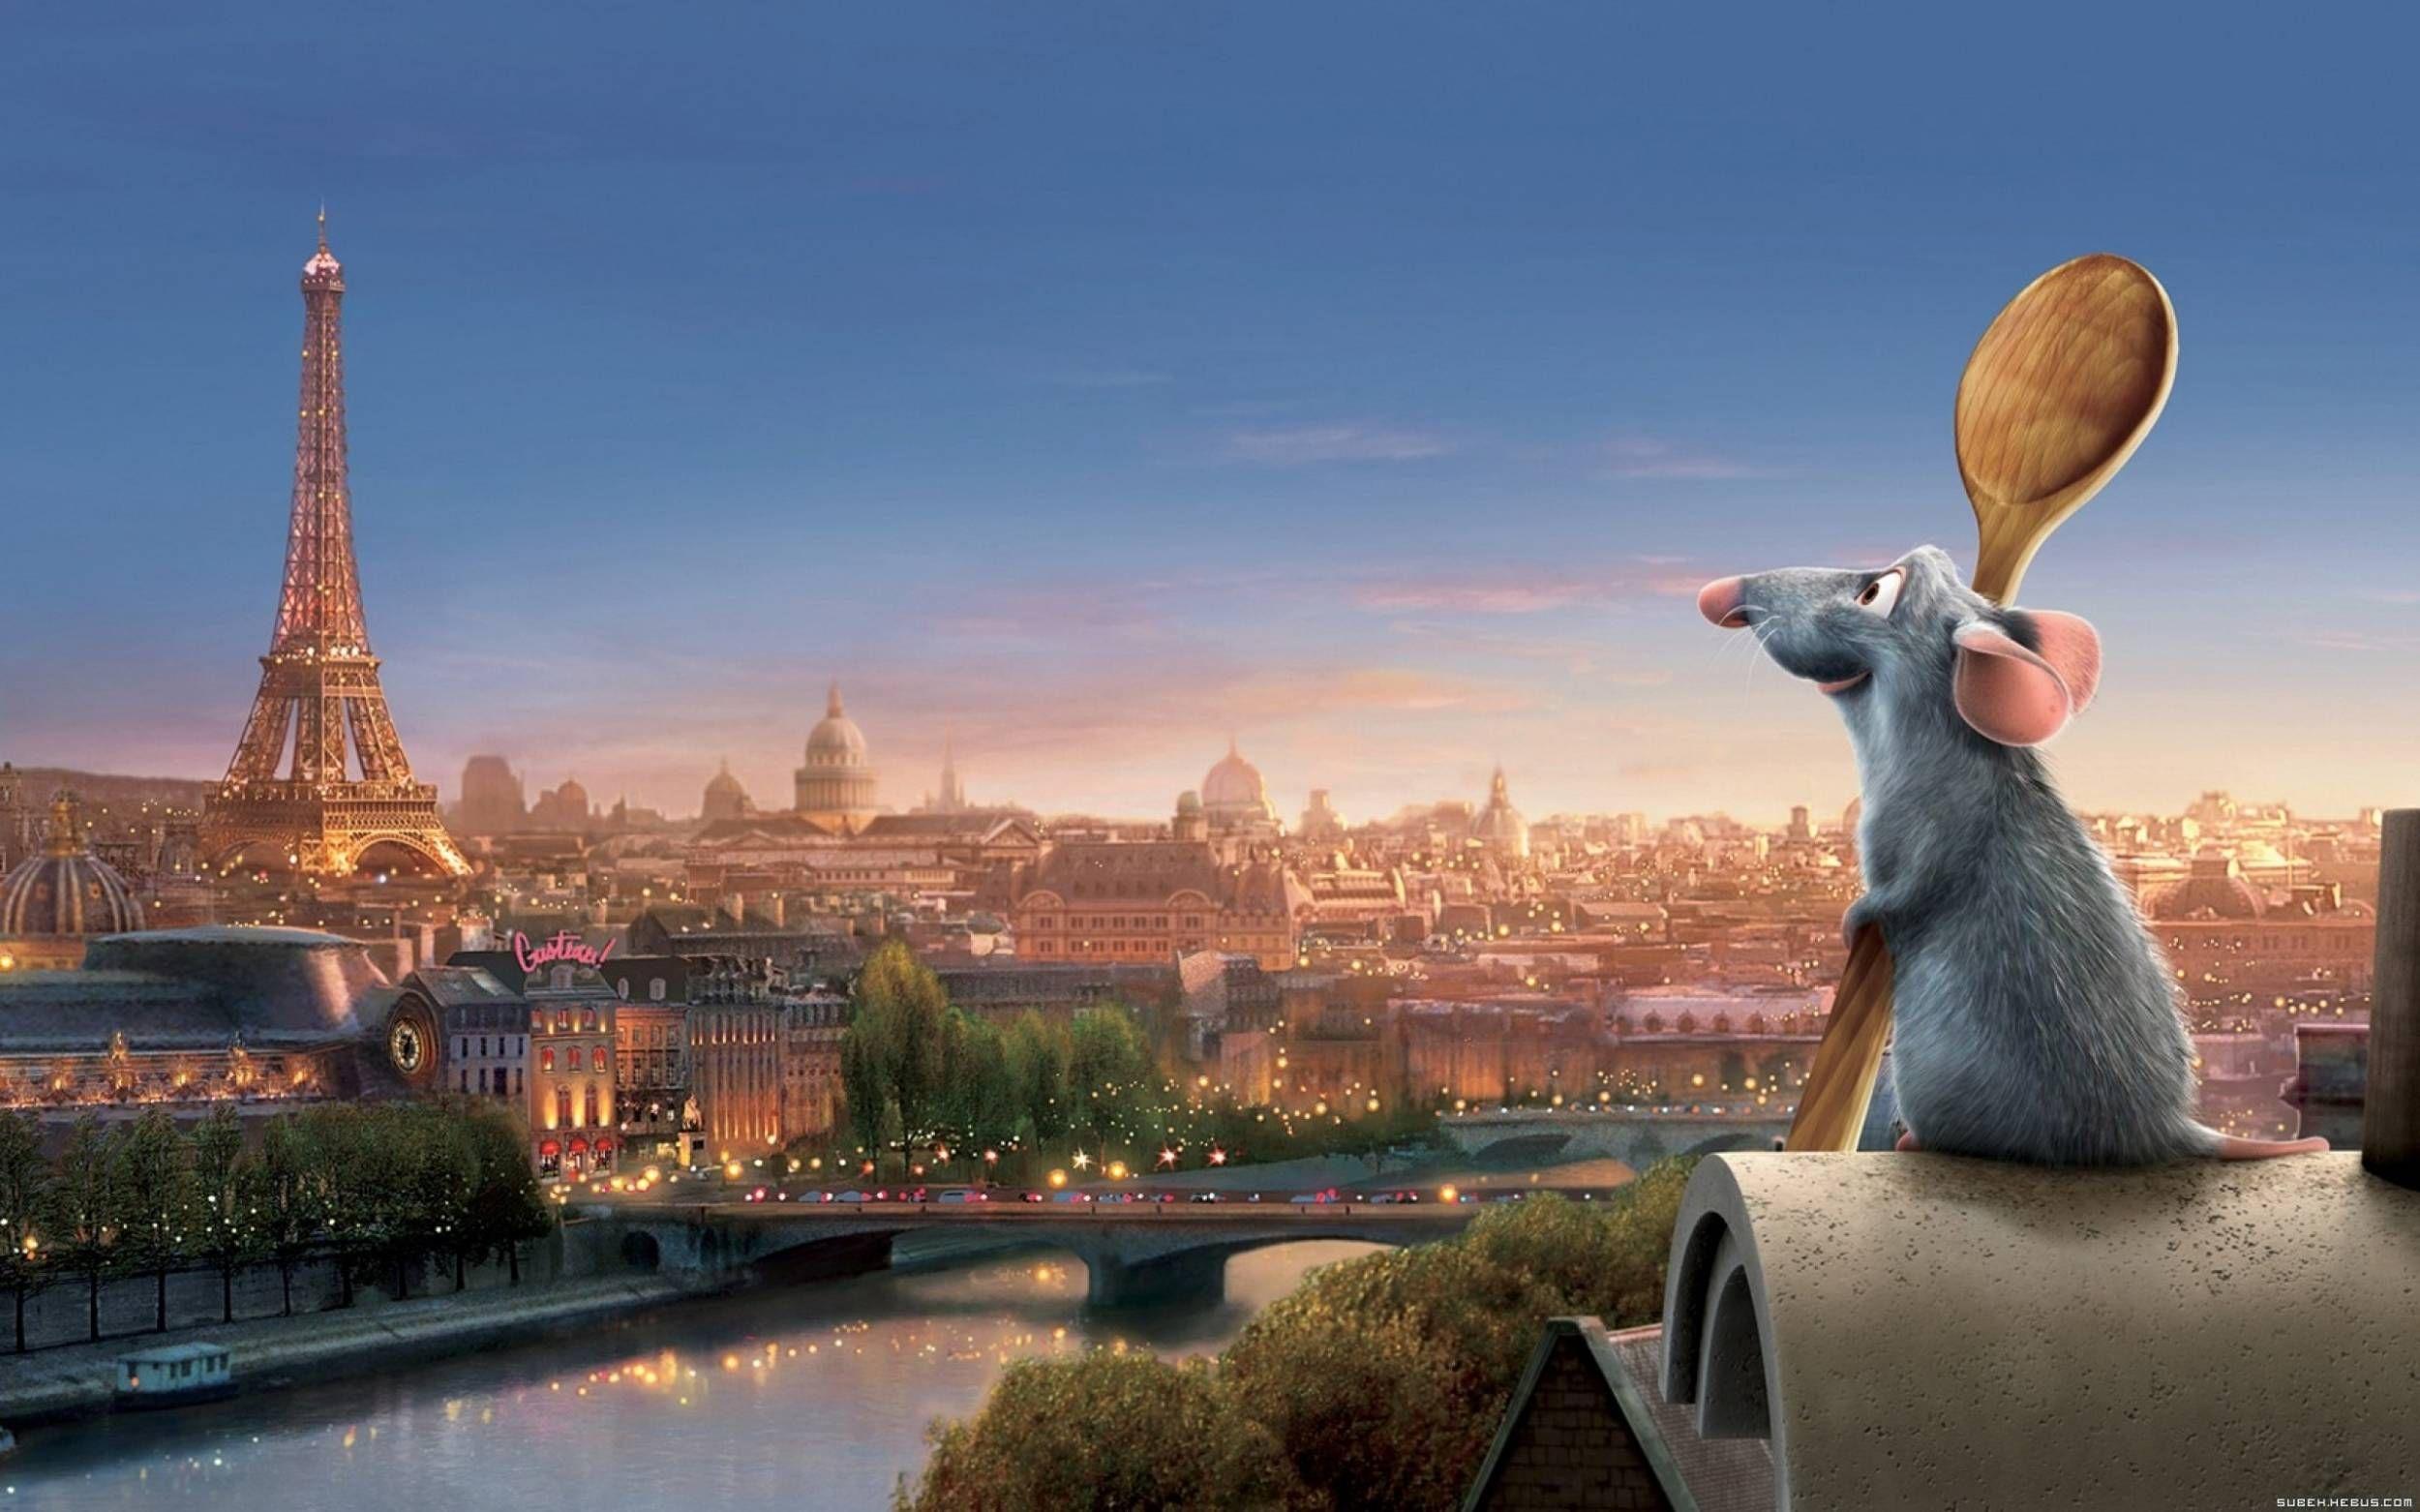 خلفيات افلام كرتون Hd عالية الجوده Tecnologis Disney Films Cartoons Hd Cartoon Wallpaper Hd